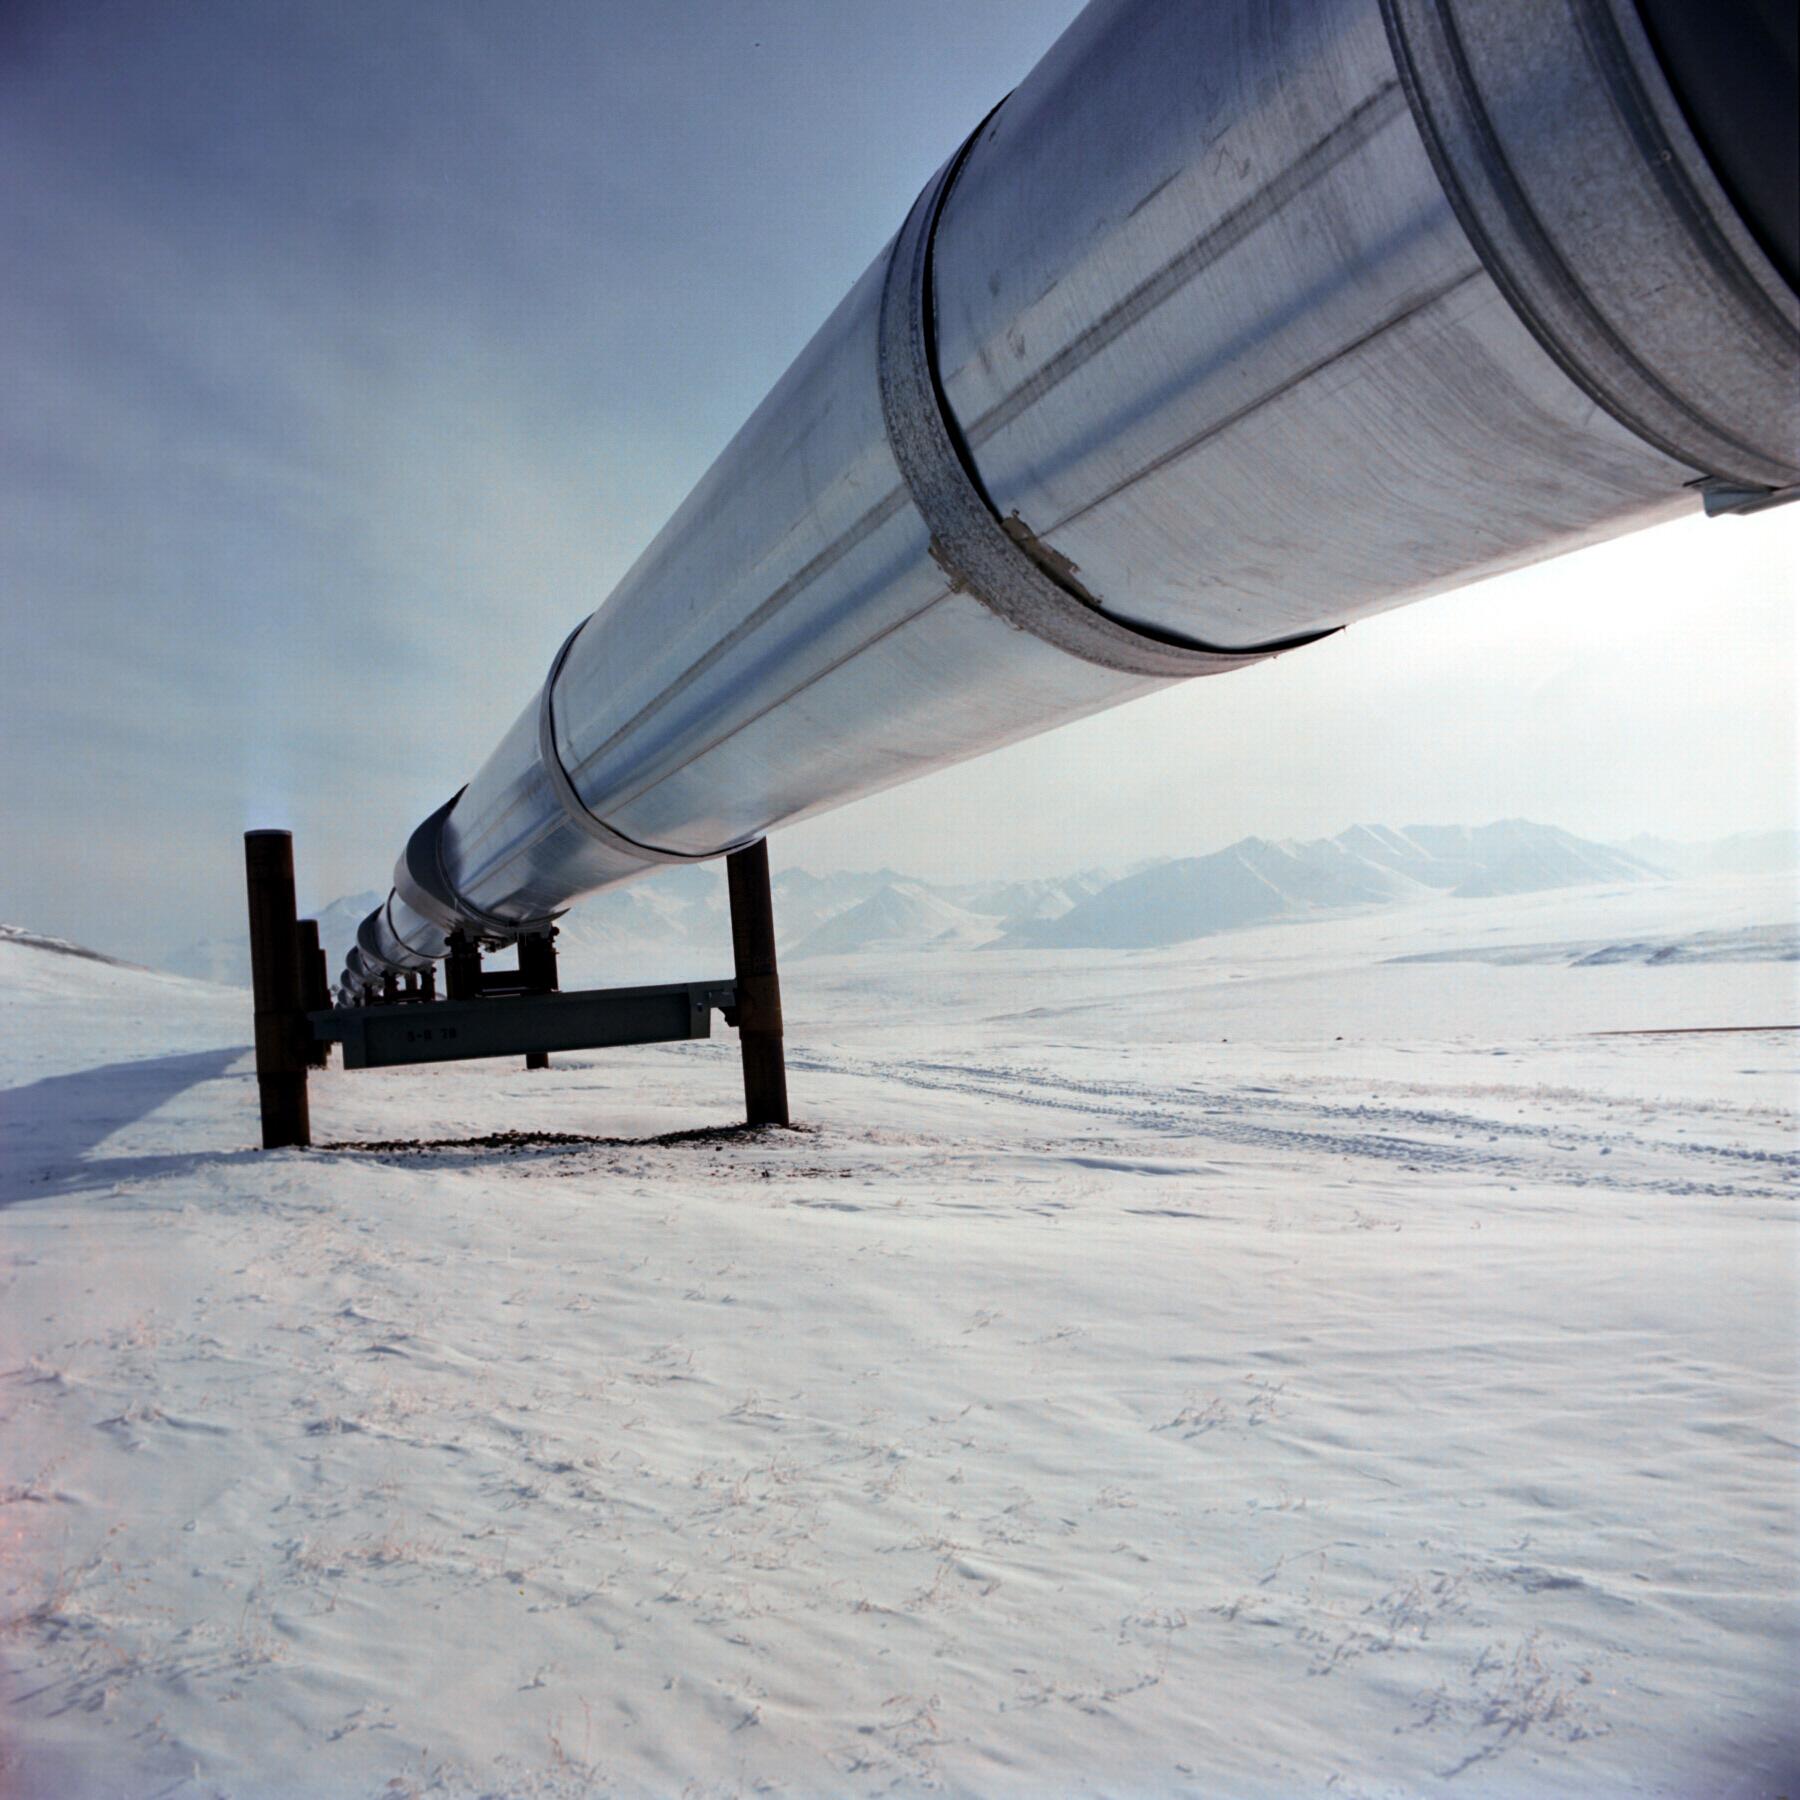 trans_alaska_pipeline_1800x1800.jpg